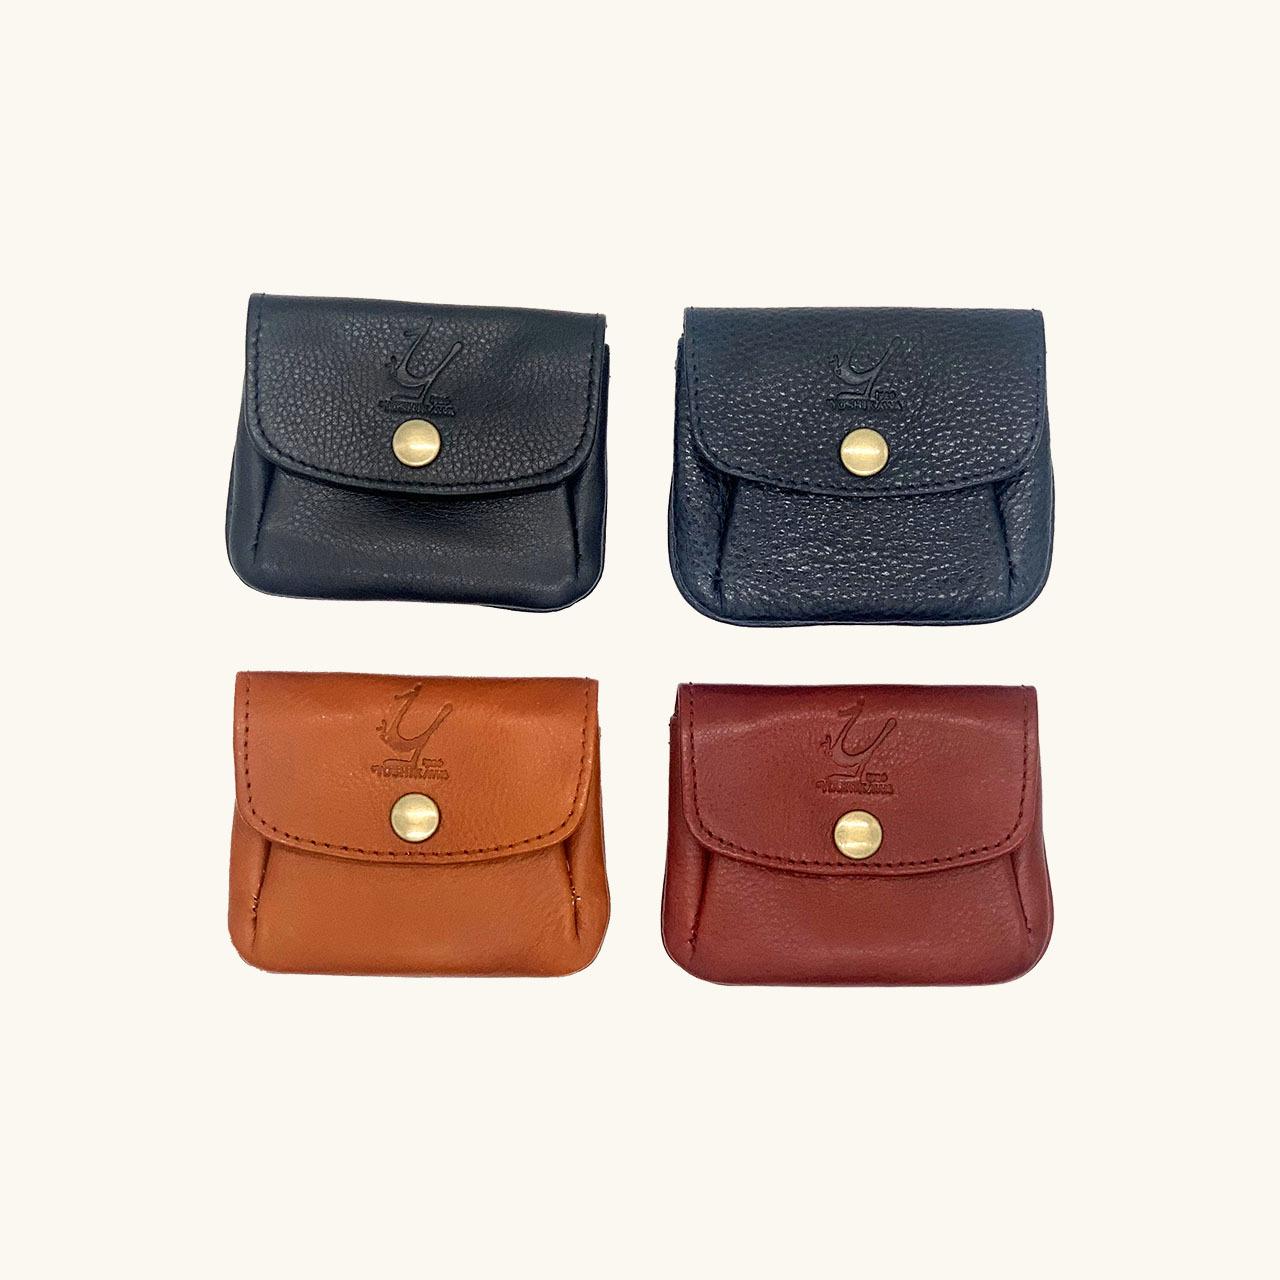 【各カラー限定数1】株式会社ヨシカワ 鞄職人が作るコインケース